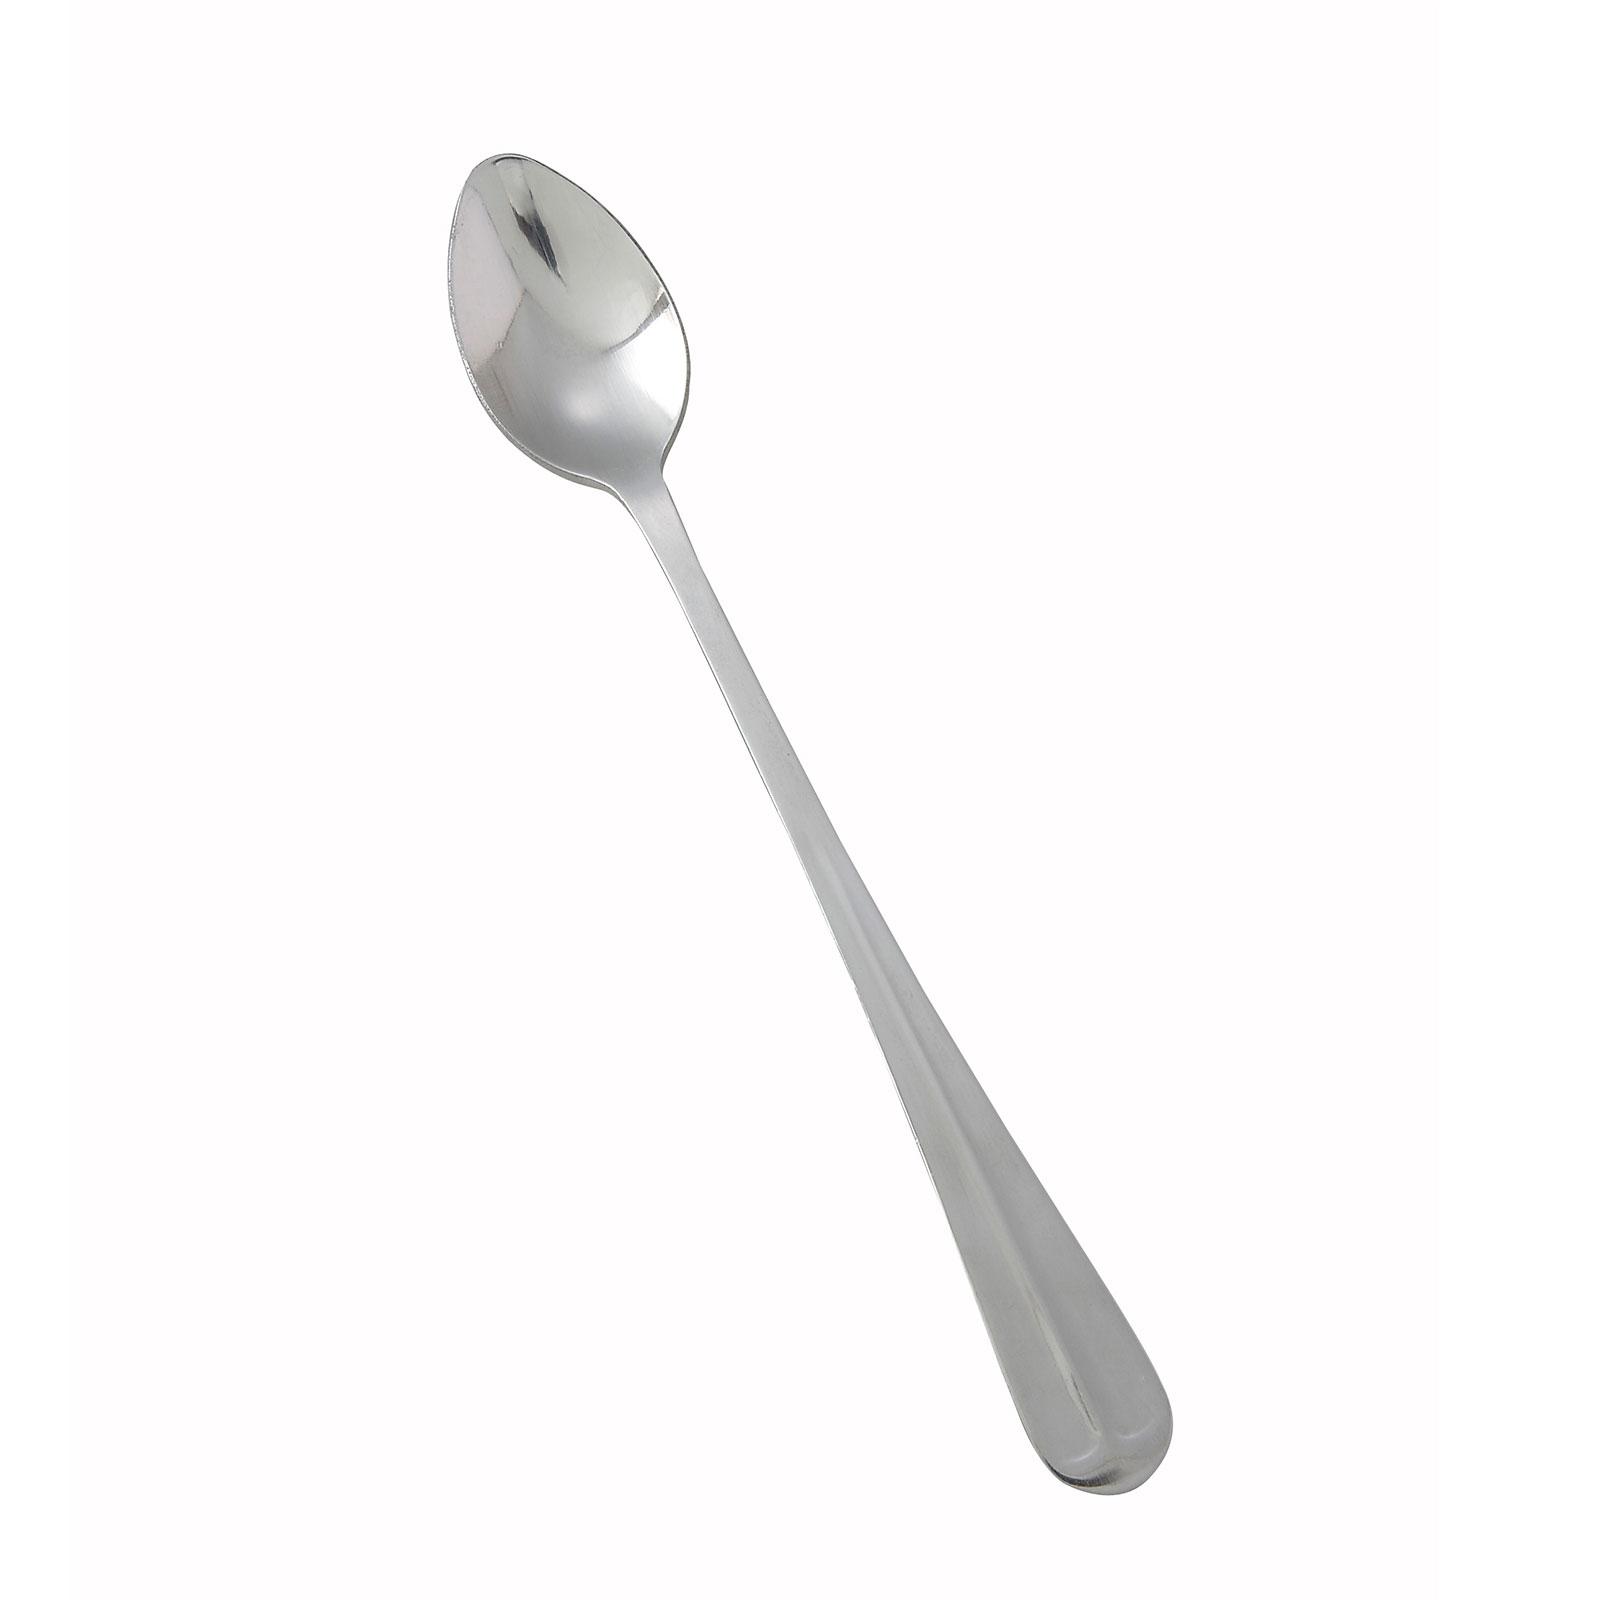 Winco 0015-02 spoon, iced tea